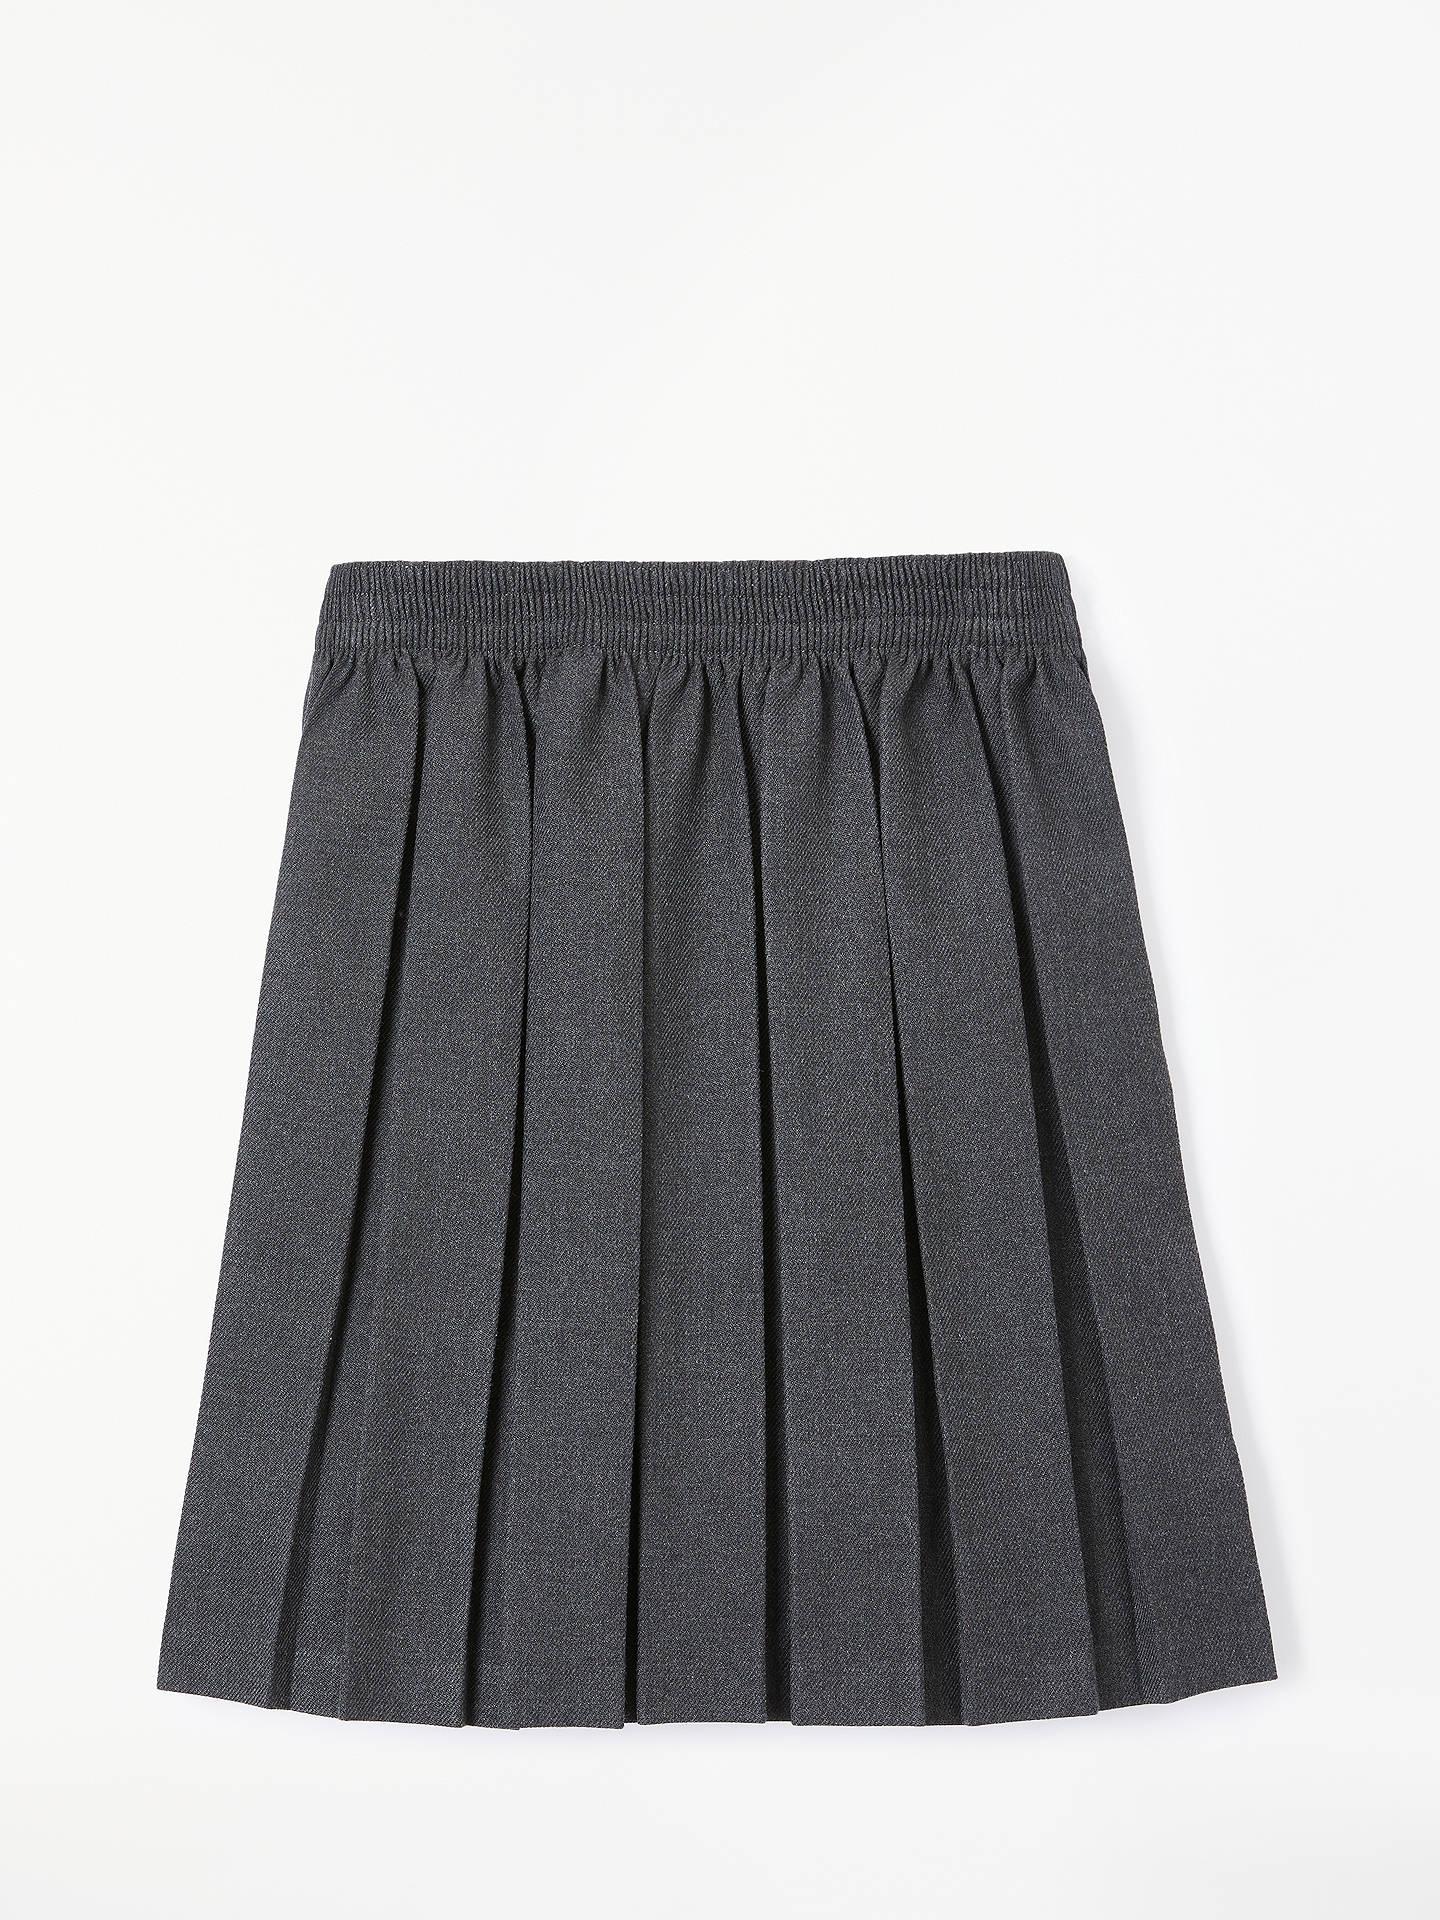 Top Top Girls /floristis/ Skirt